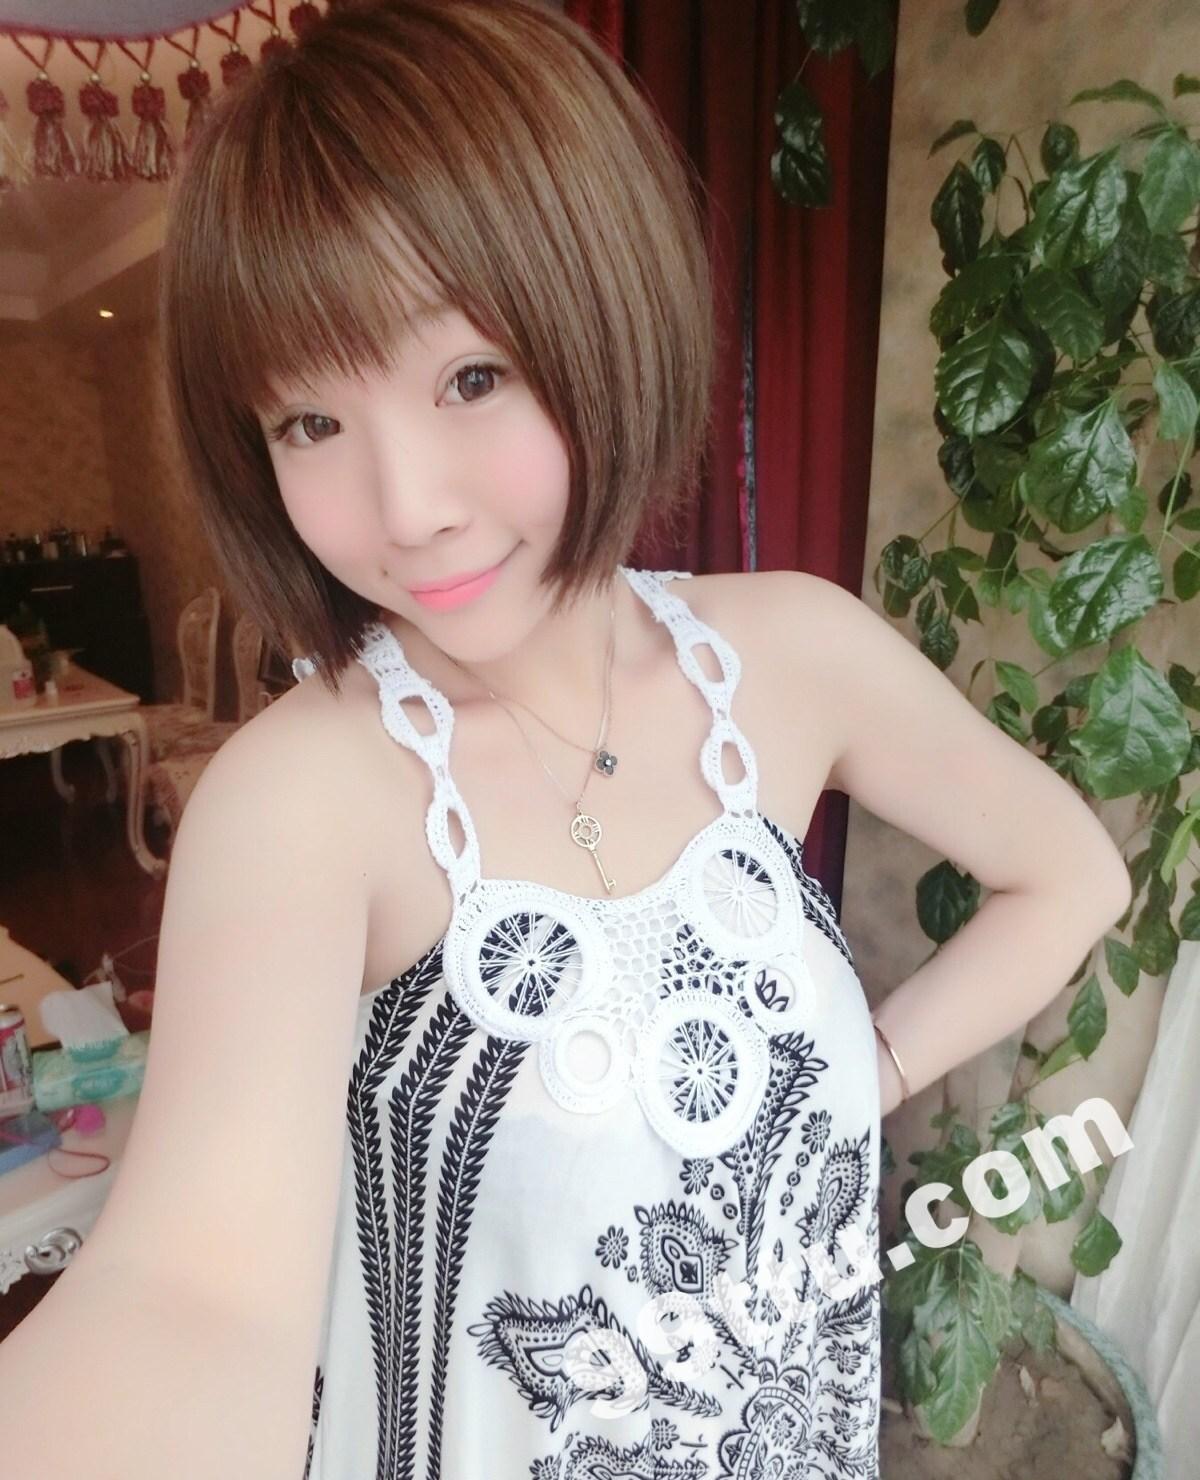 KK85_581张 大胸美女生活照素材照片合集-11